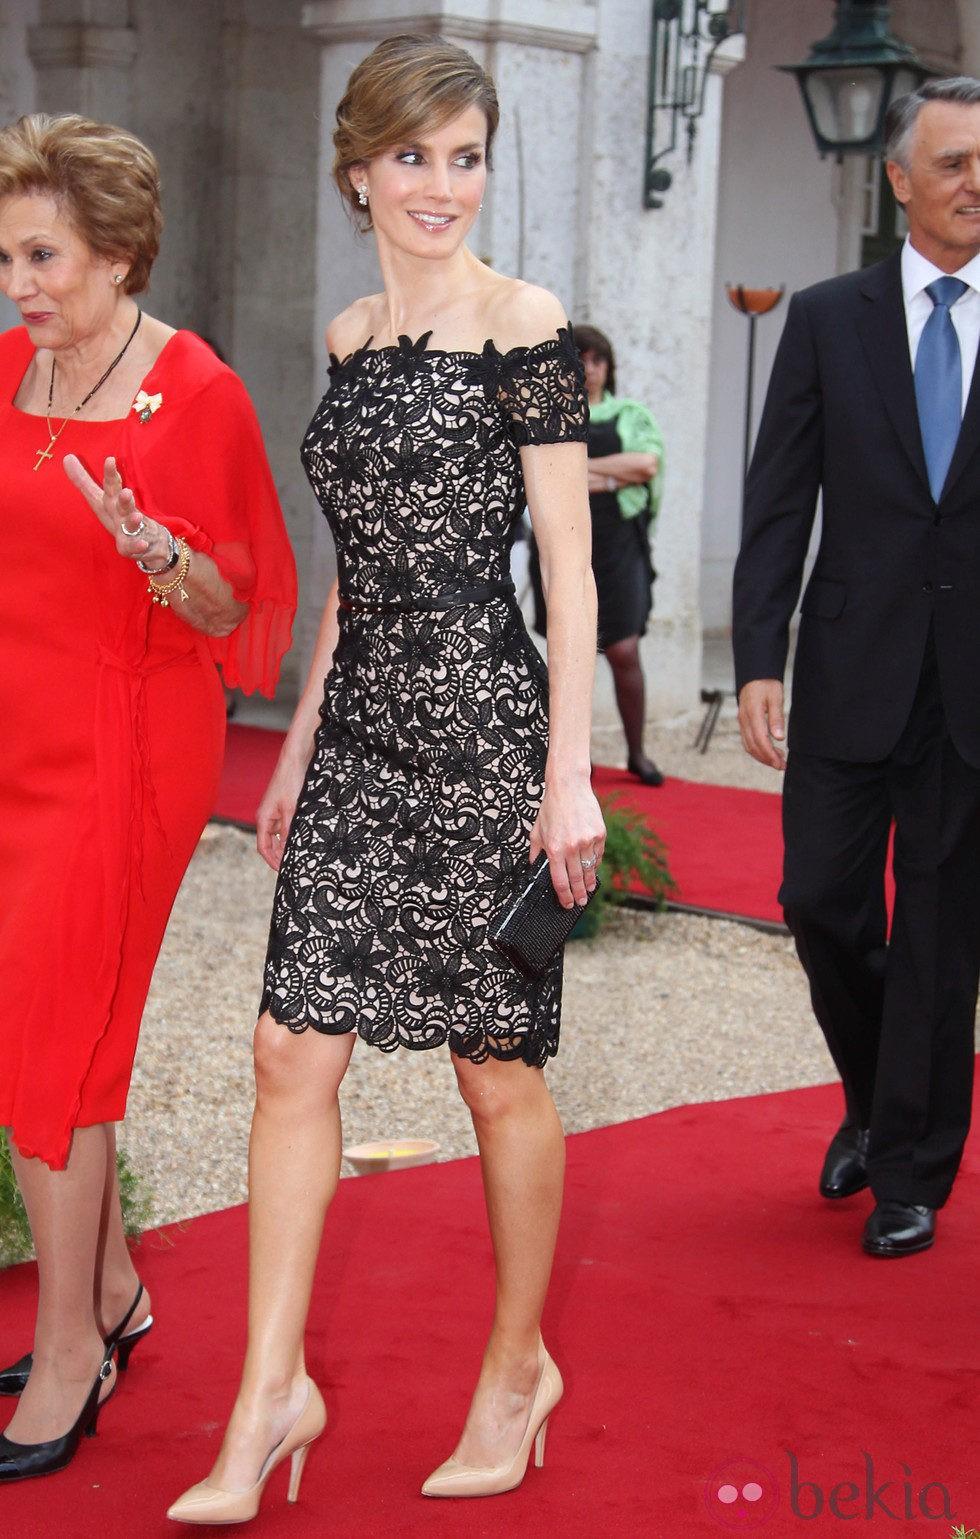 La Princesa Letizia Con Un Elegante Vestido De Encaje Guipur En Una Cena De Gala En Portugal ...